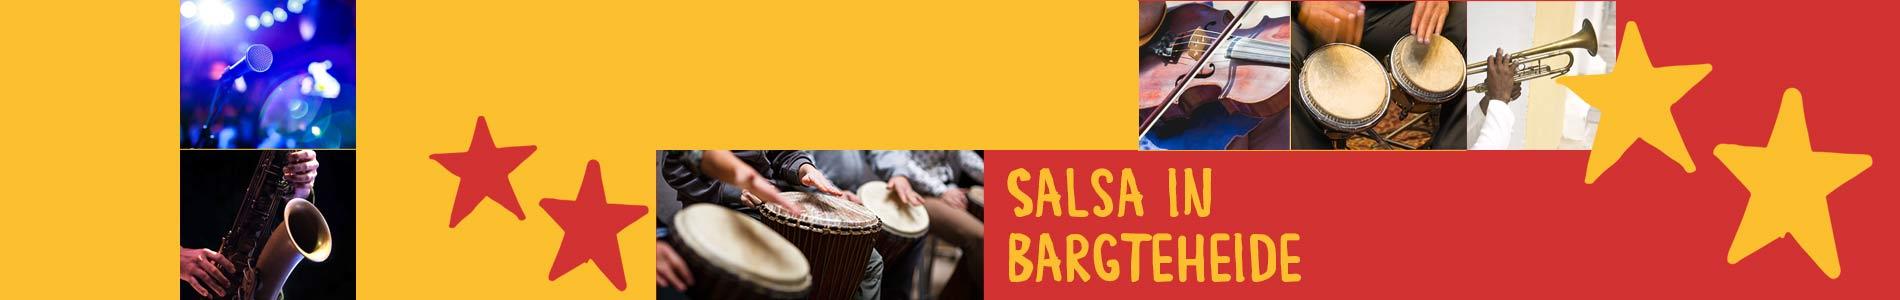 Salsa in Bargteheide – Salsa lernen und tanzen, Tanzkurse, Partys, Veranstaltungen